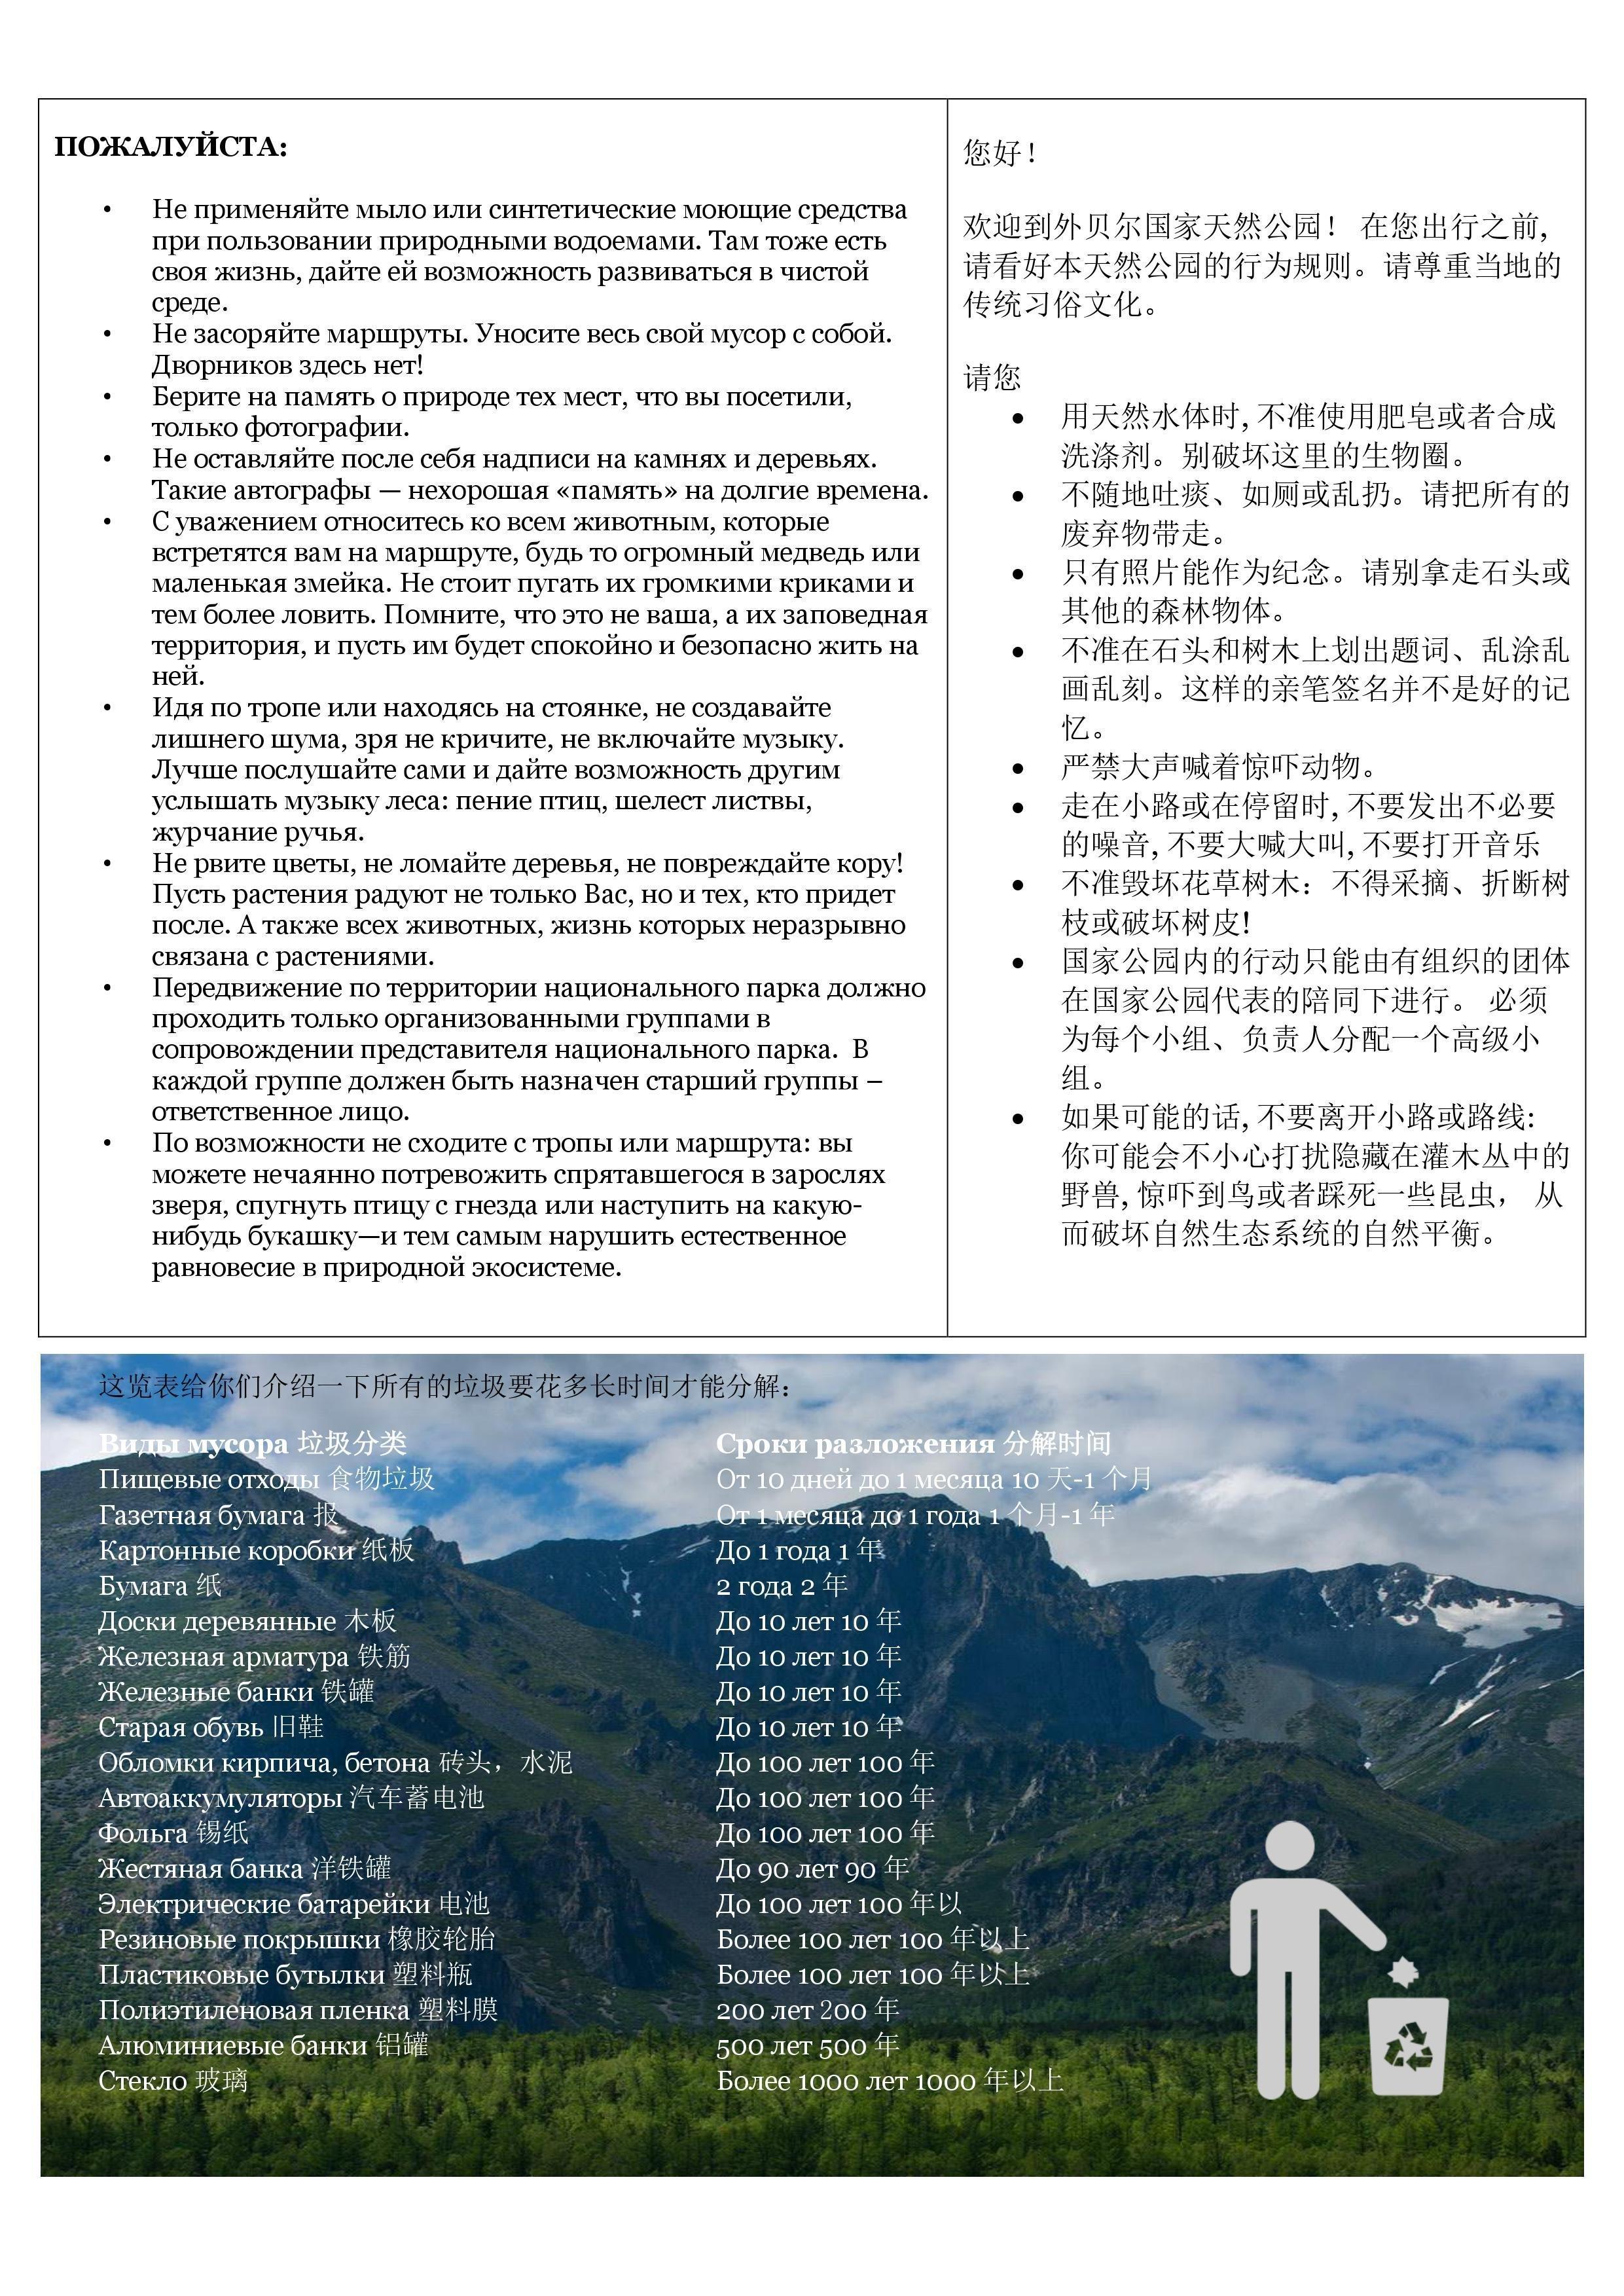 贝加尔湖游客行为准则